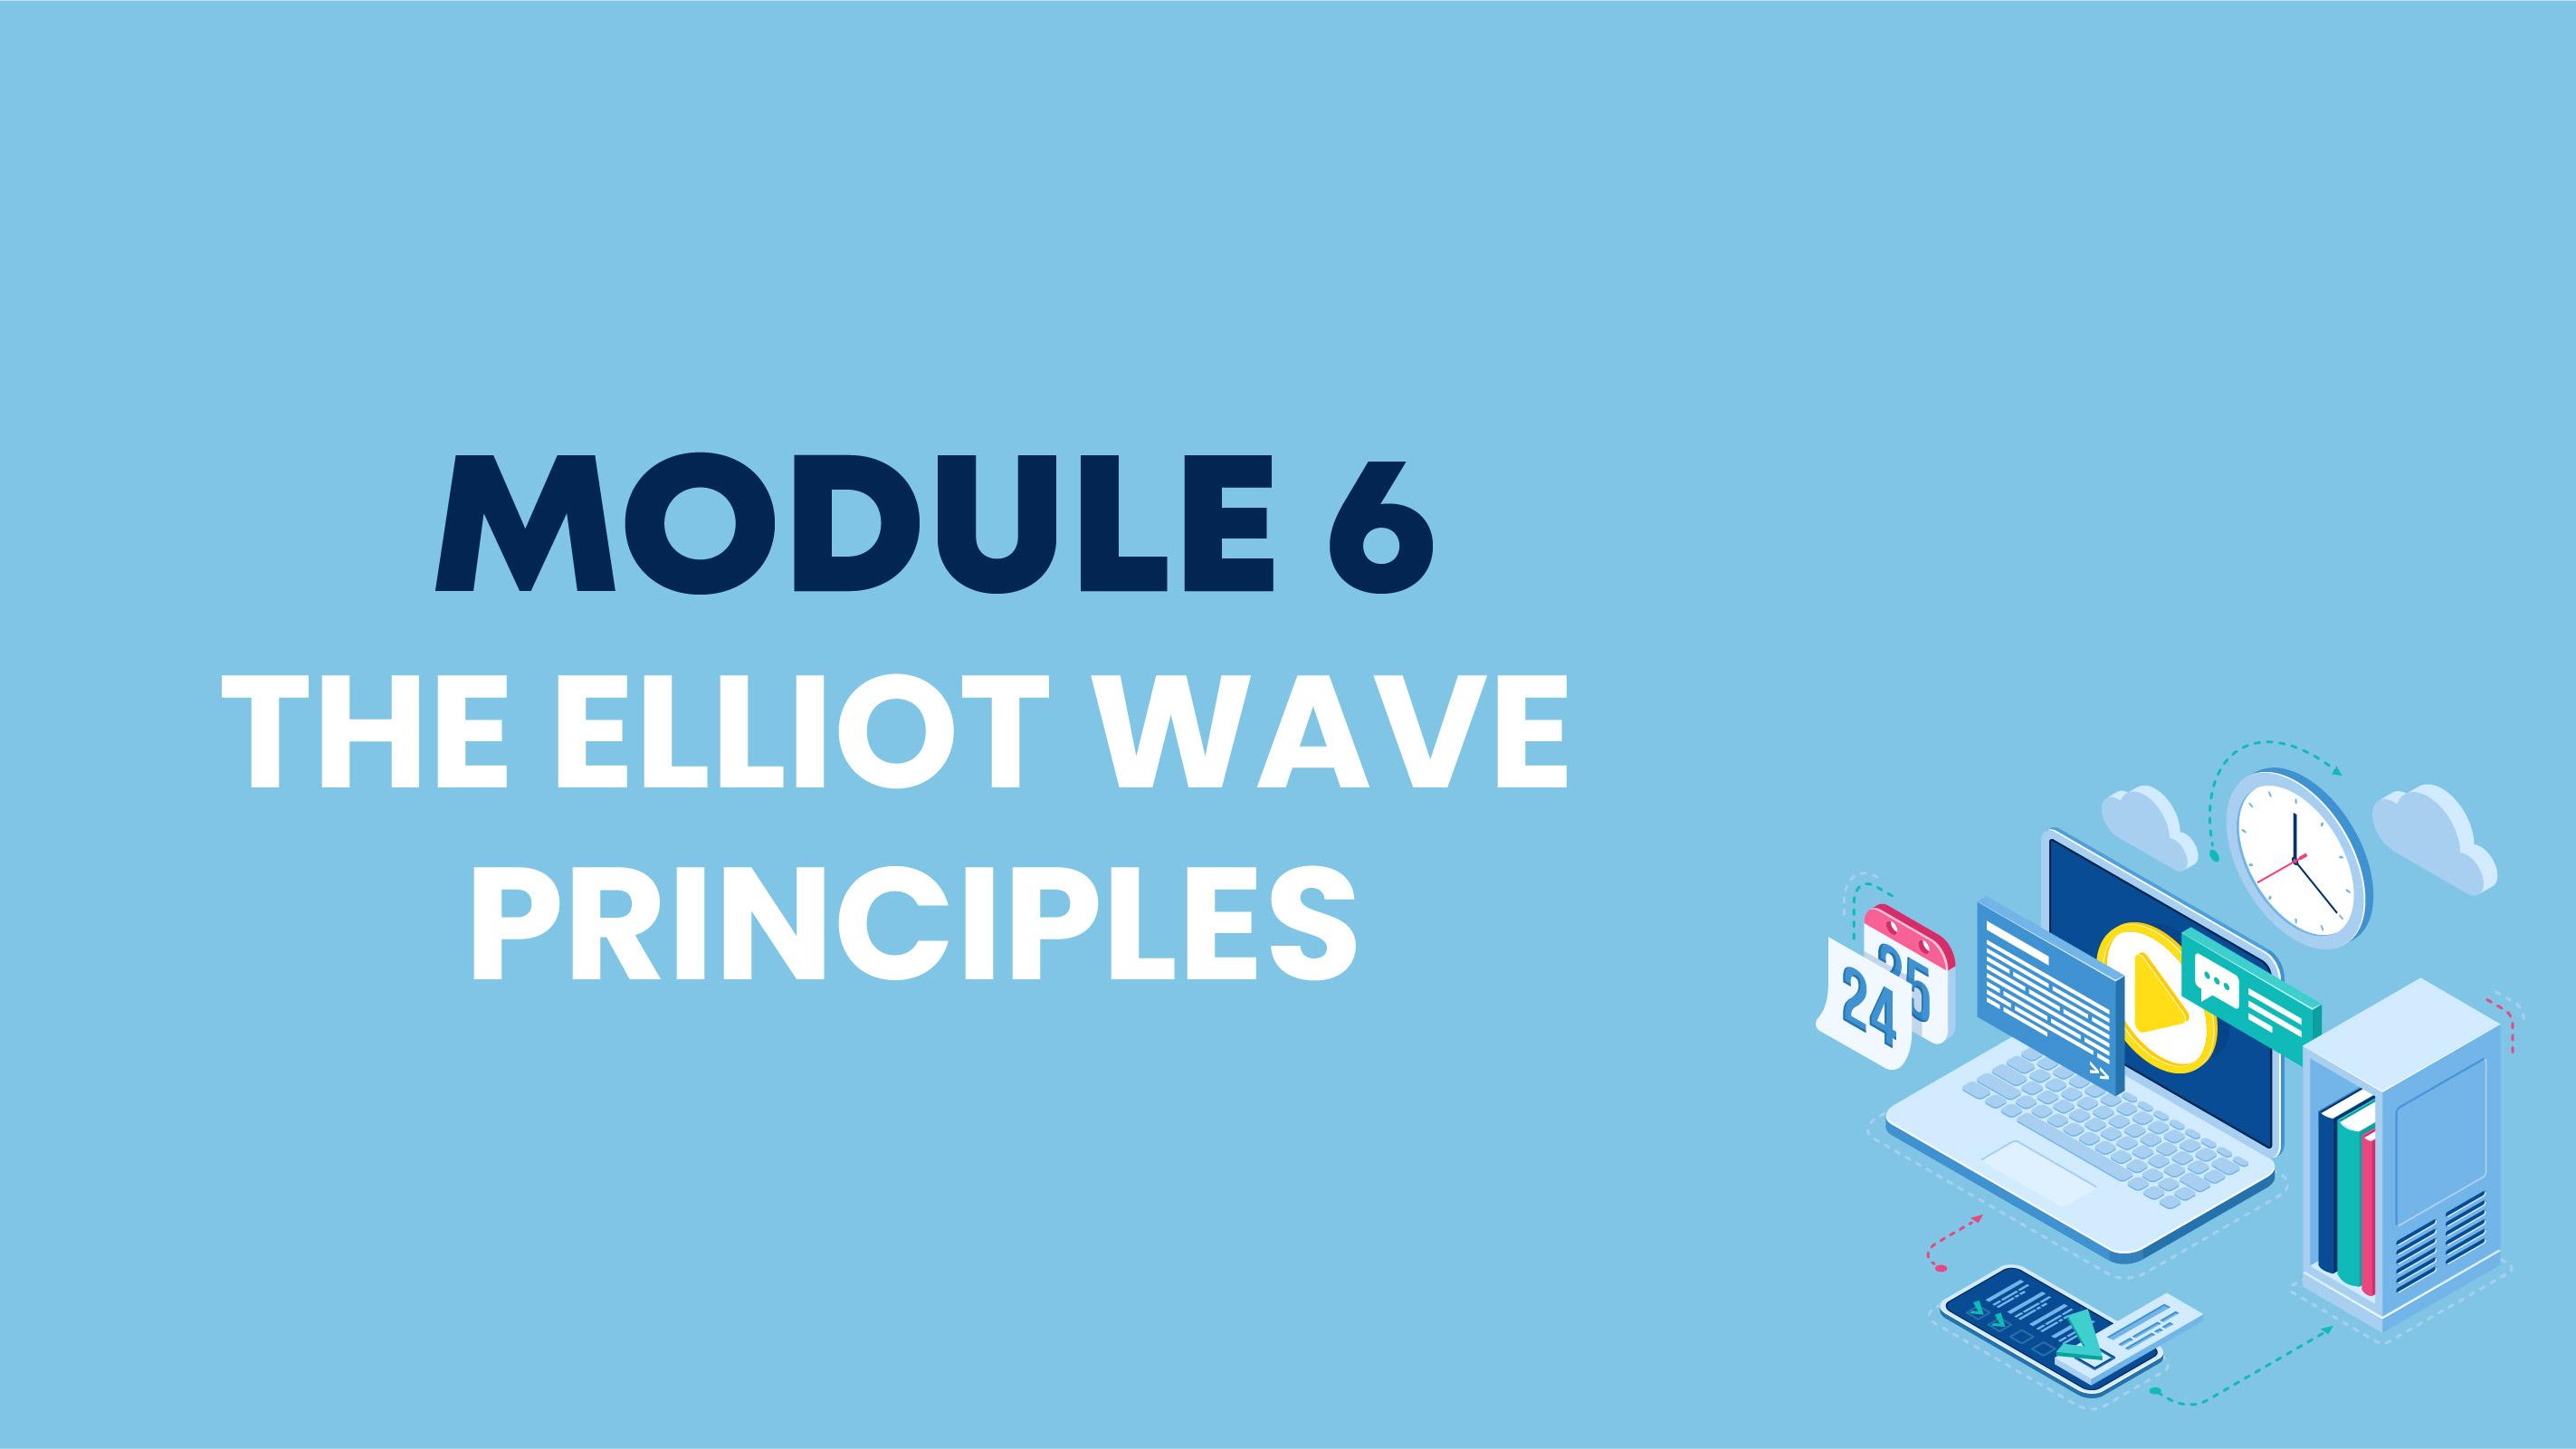 MODULE 6: THE ELLIOT WAVE PRINCIPLES